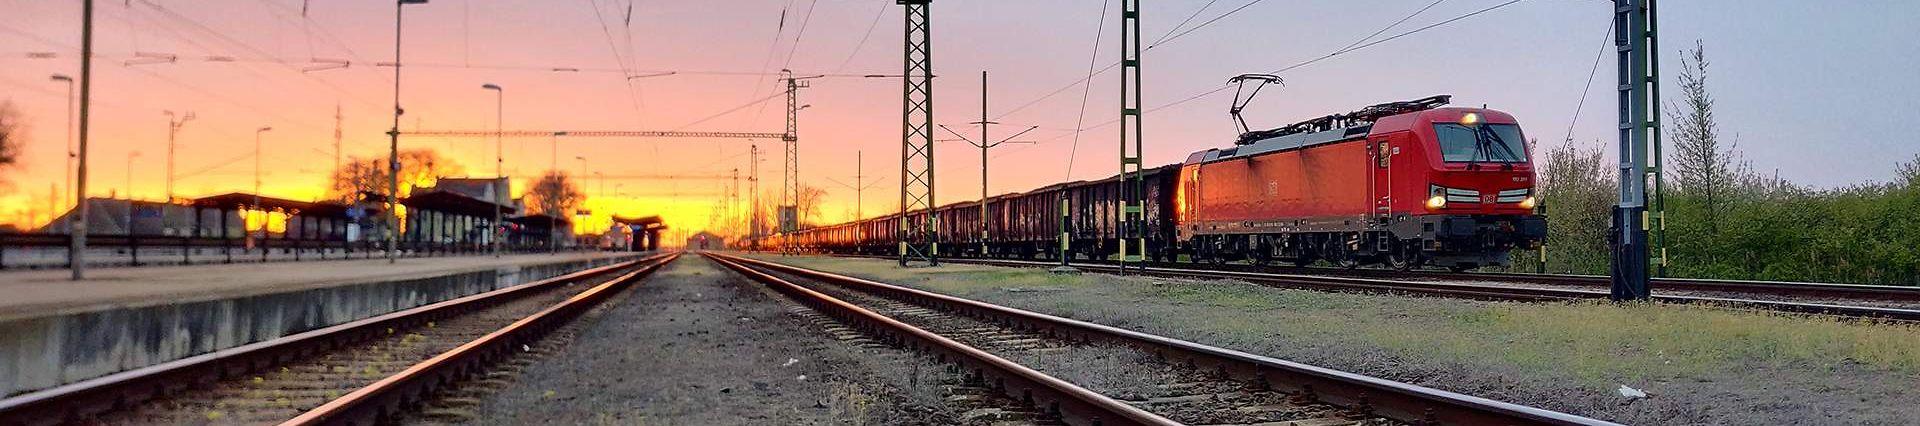 DB Cargo_HU_rail_tracks_sunset